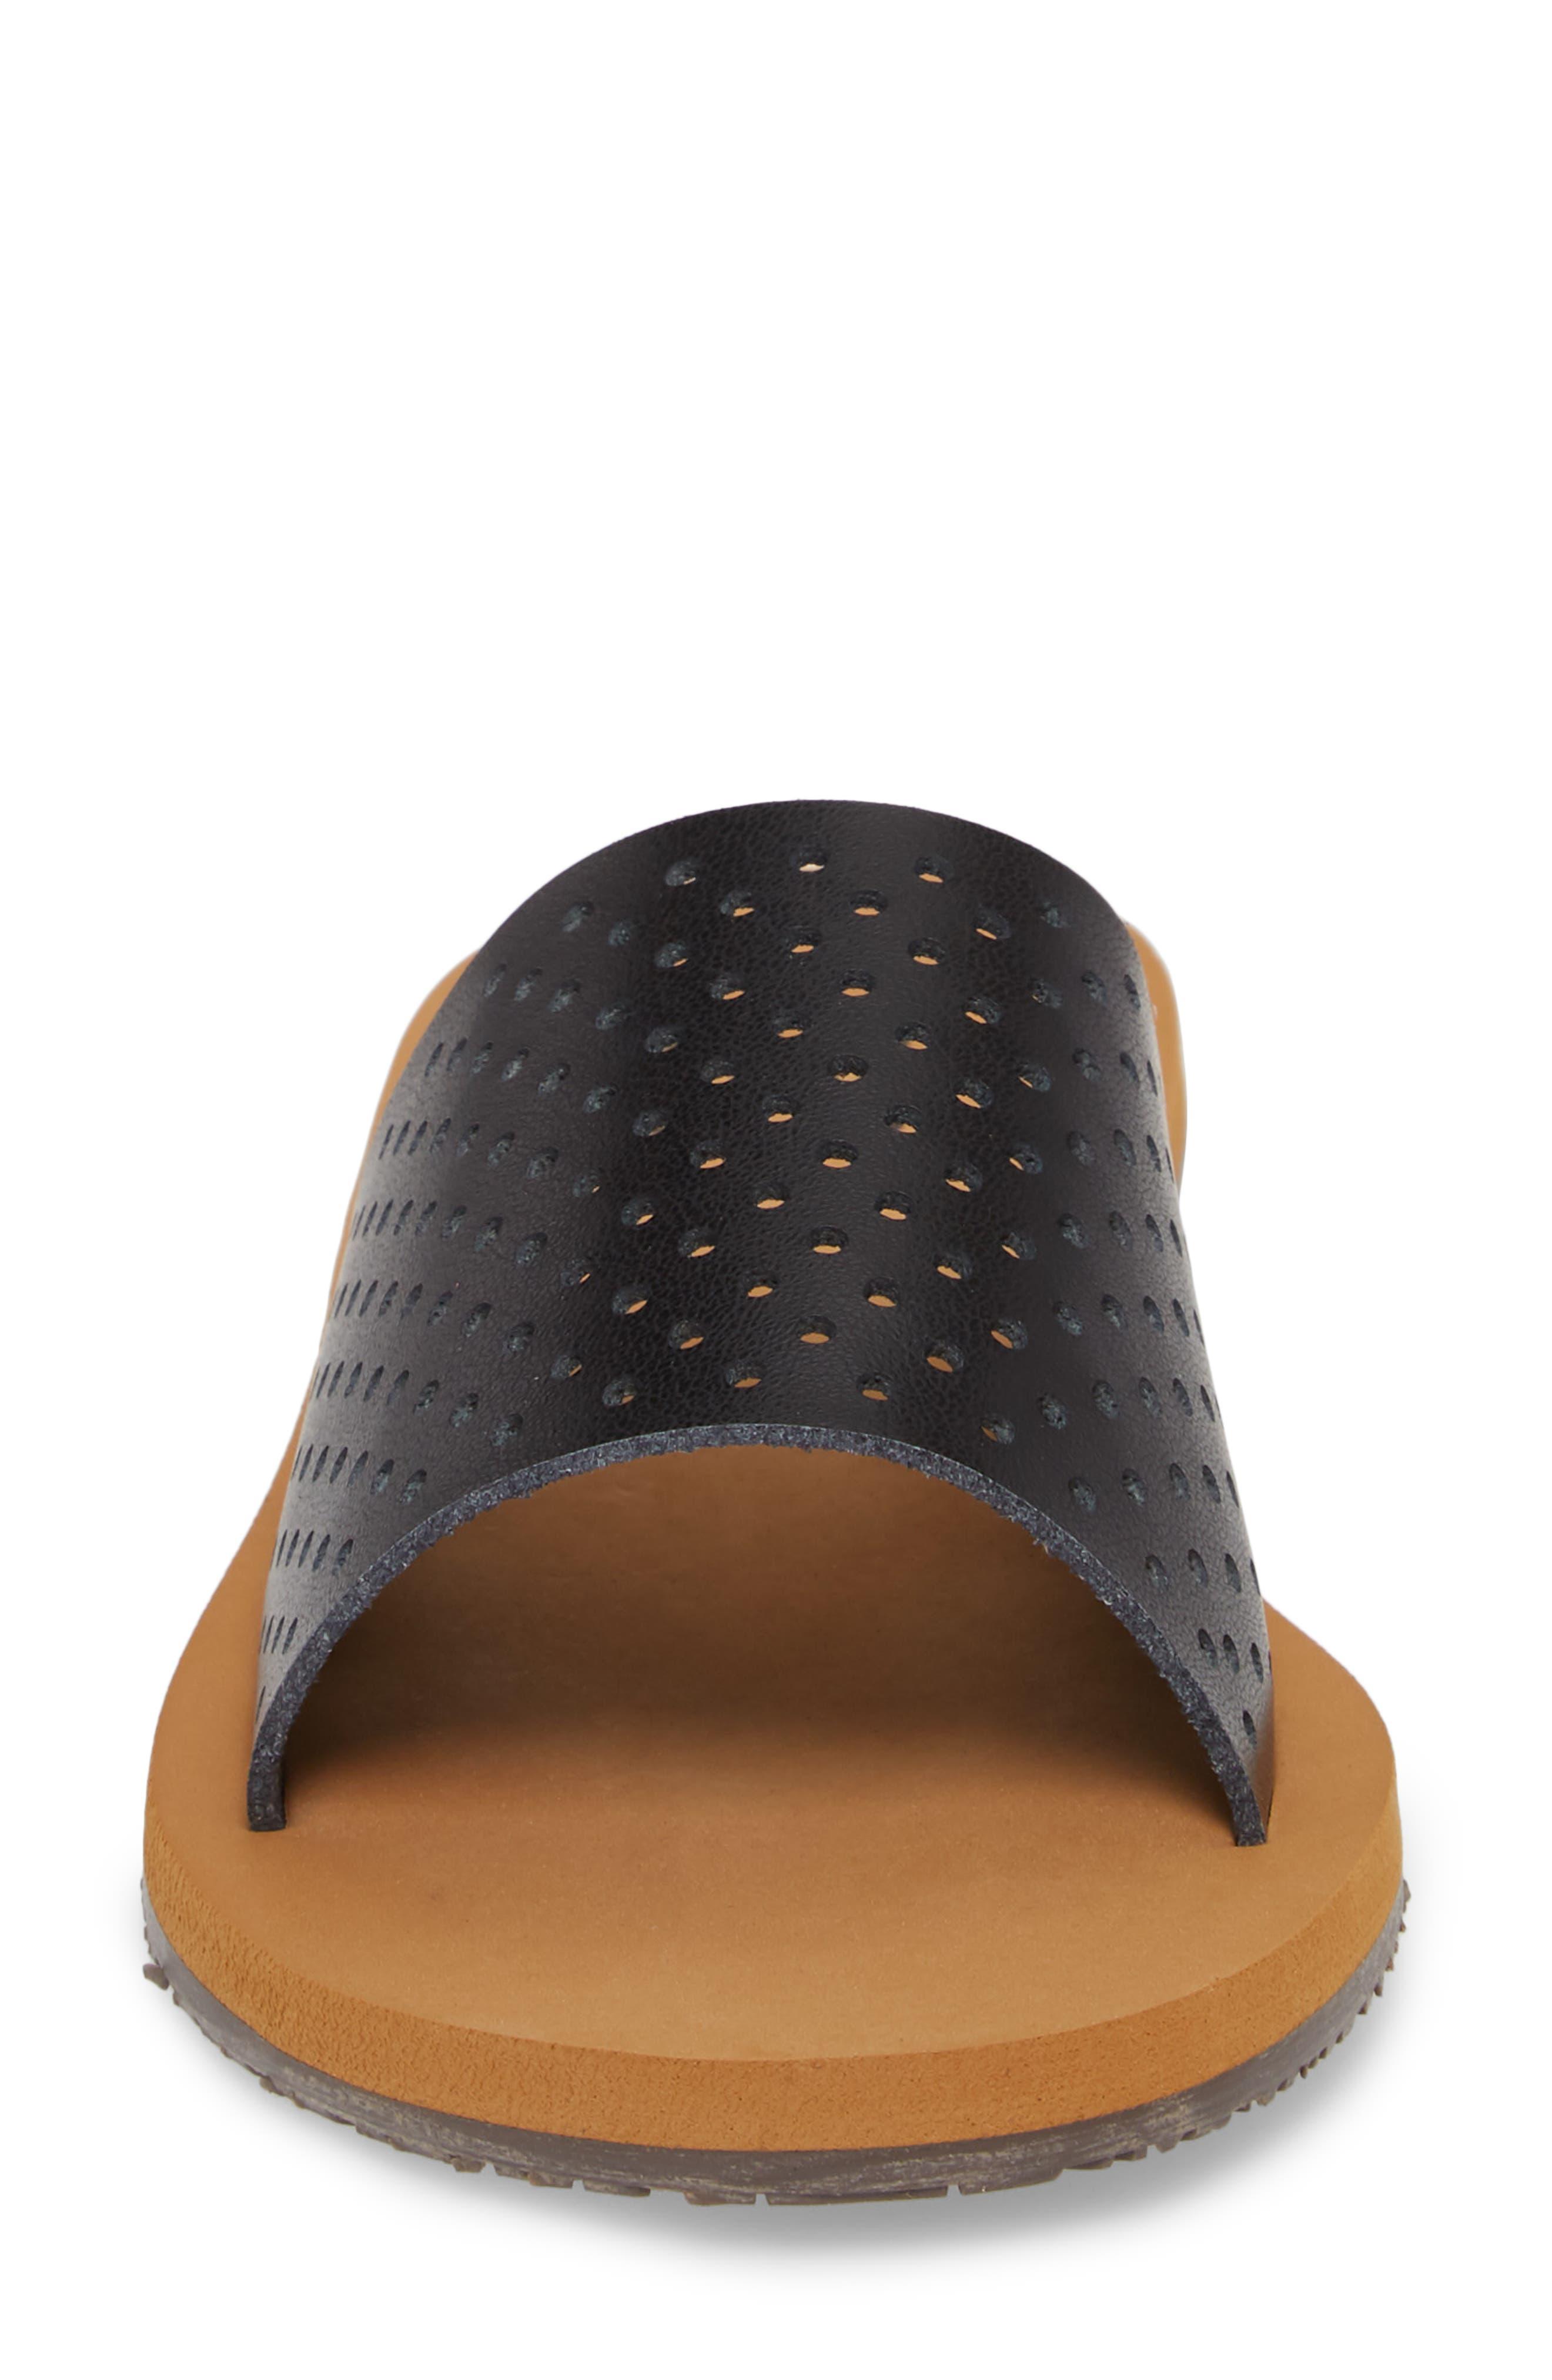 Slide Sandal,                             Alternate thumbnail 4, color,                             001